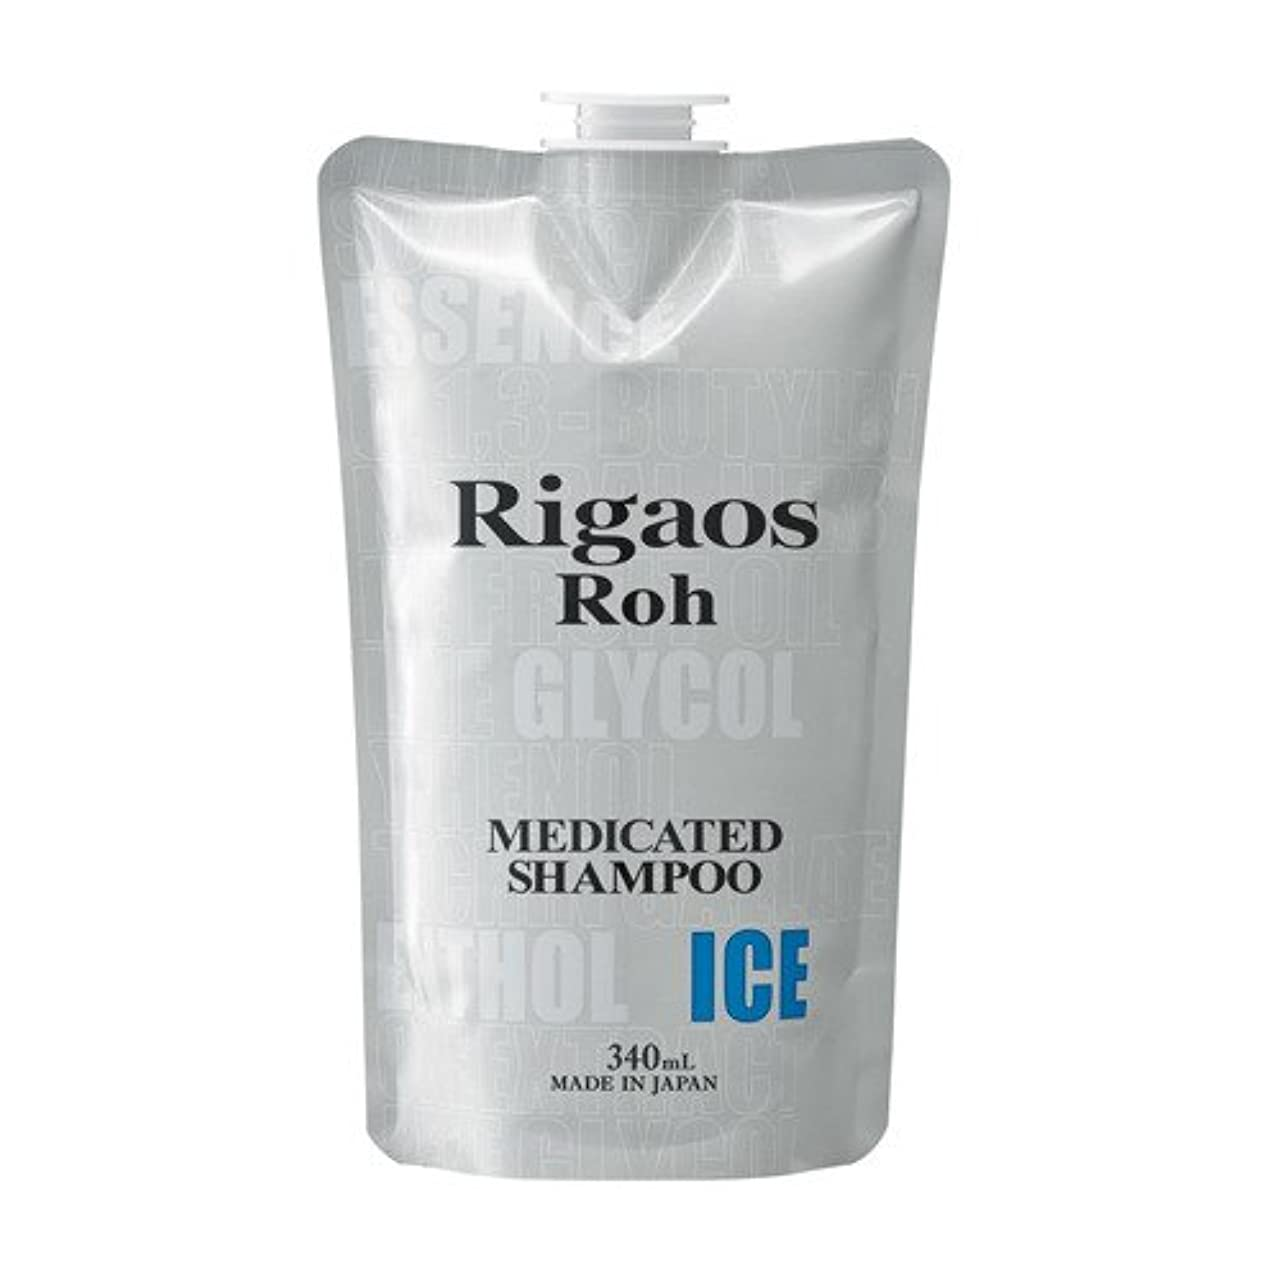 レトルトきらめきそれにもかかわらずリガオス ロー 薬用スカルプケア シャンプー ICE レフィル (340mL) [医薬部外品]